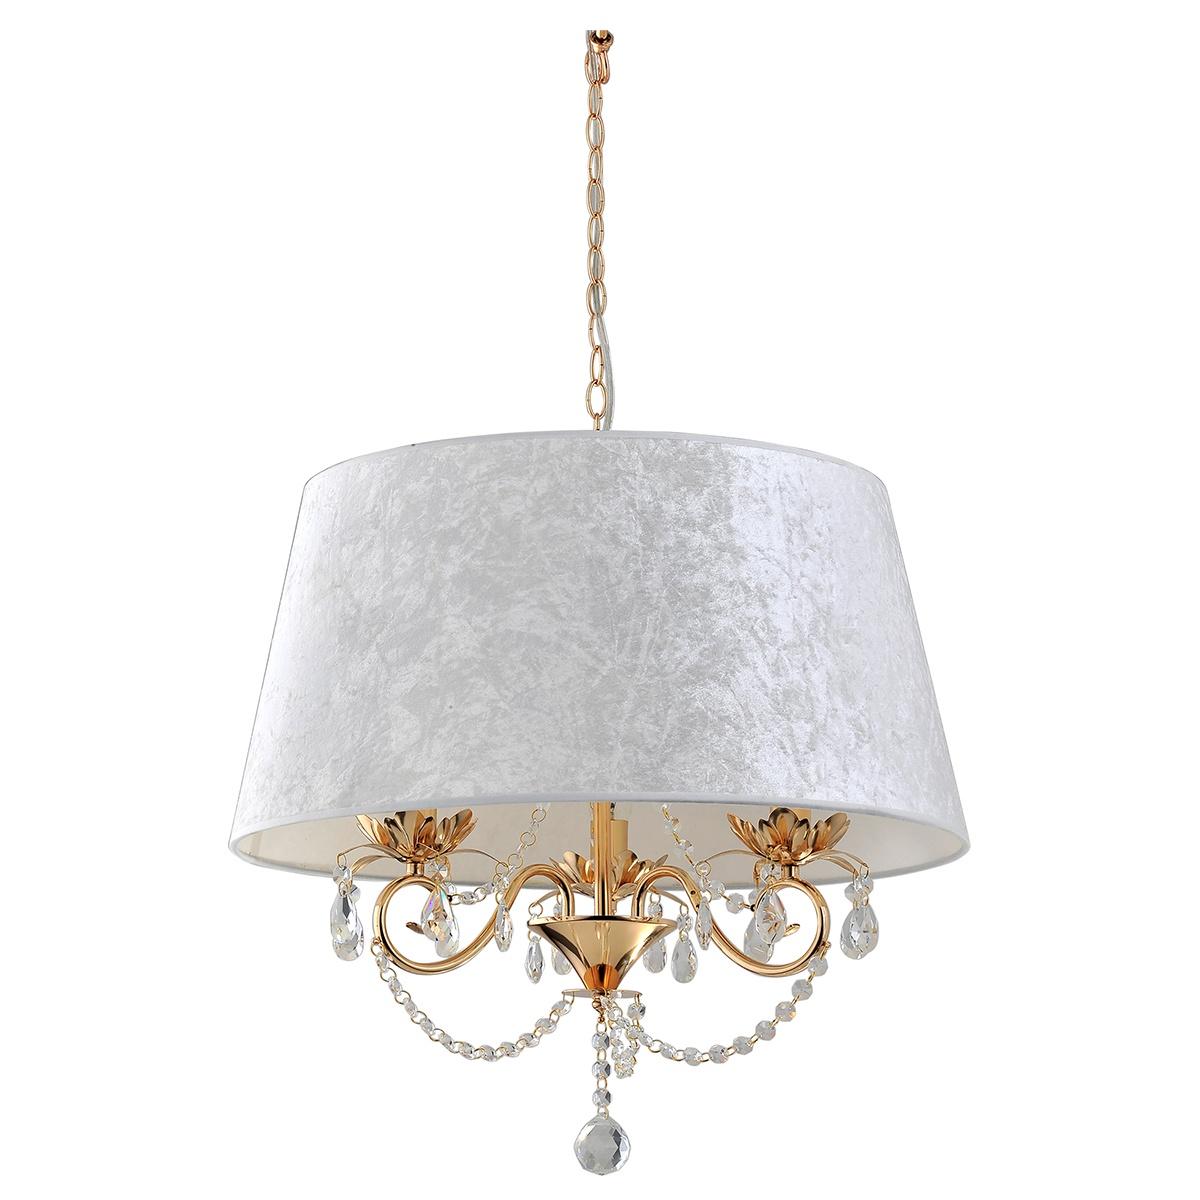 Потолочный светильник Collezioni Alva цены онлайн